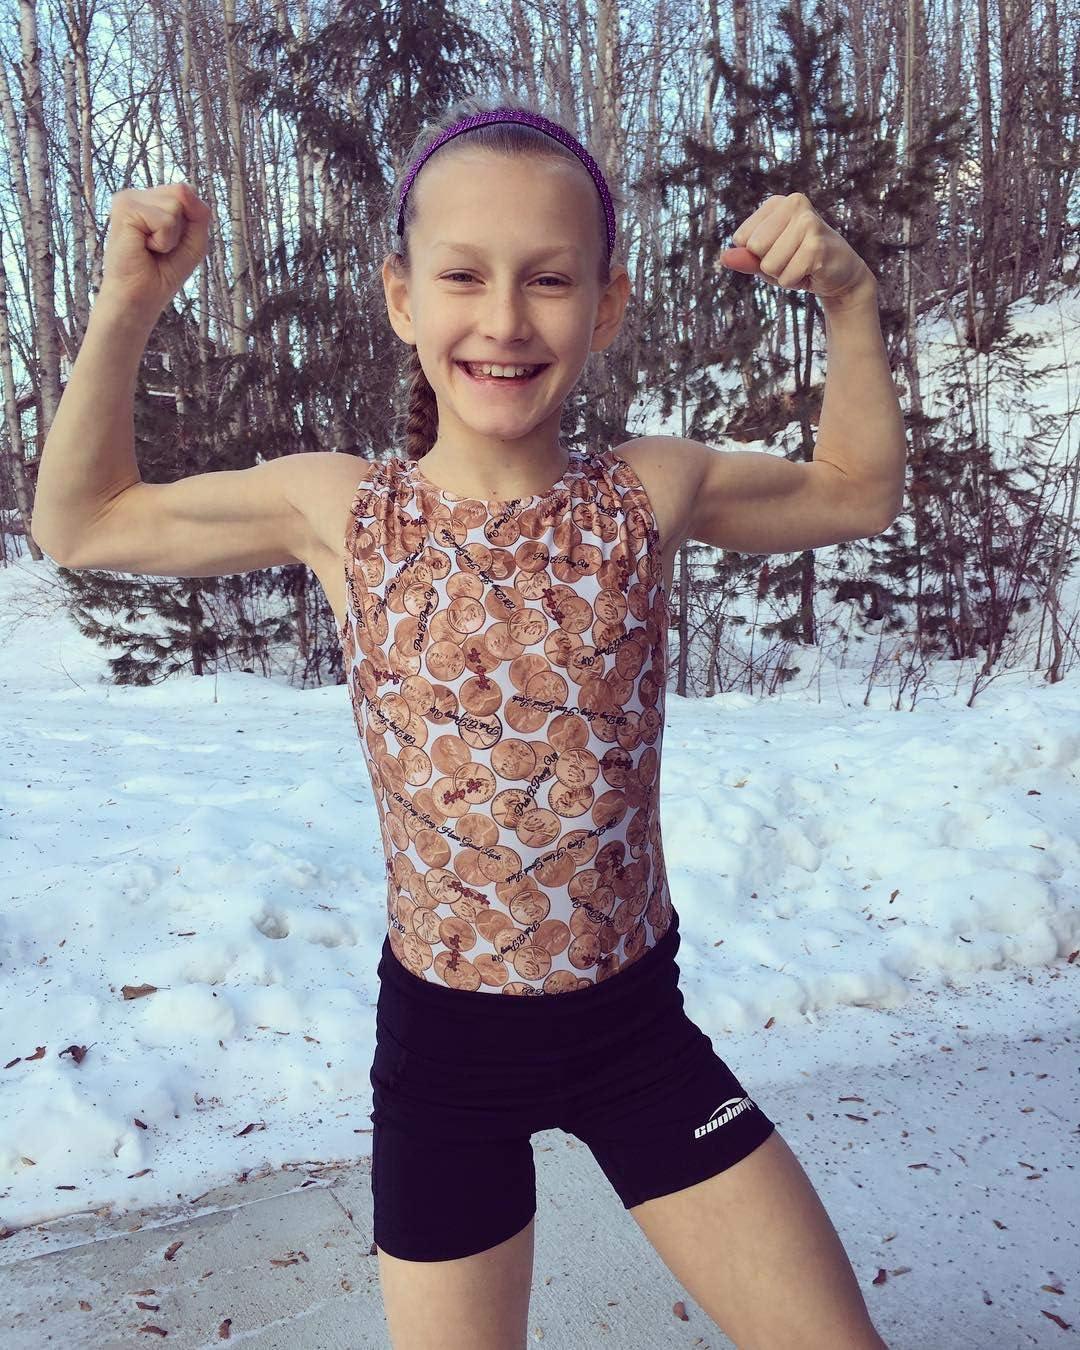 COOLOMG Shorts de Sport pour Enfants Filles avec Poche Lat/érale Yoga Fitness Leggings Pantalon Court Collants de Course Entra/înement Danse Gym Jogging Femmes